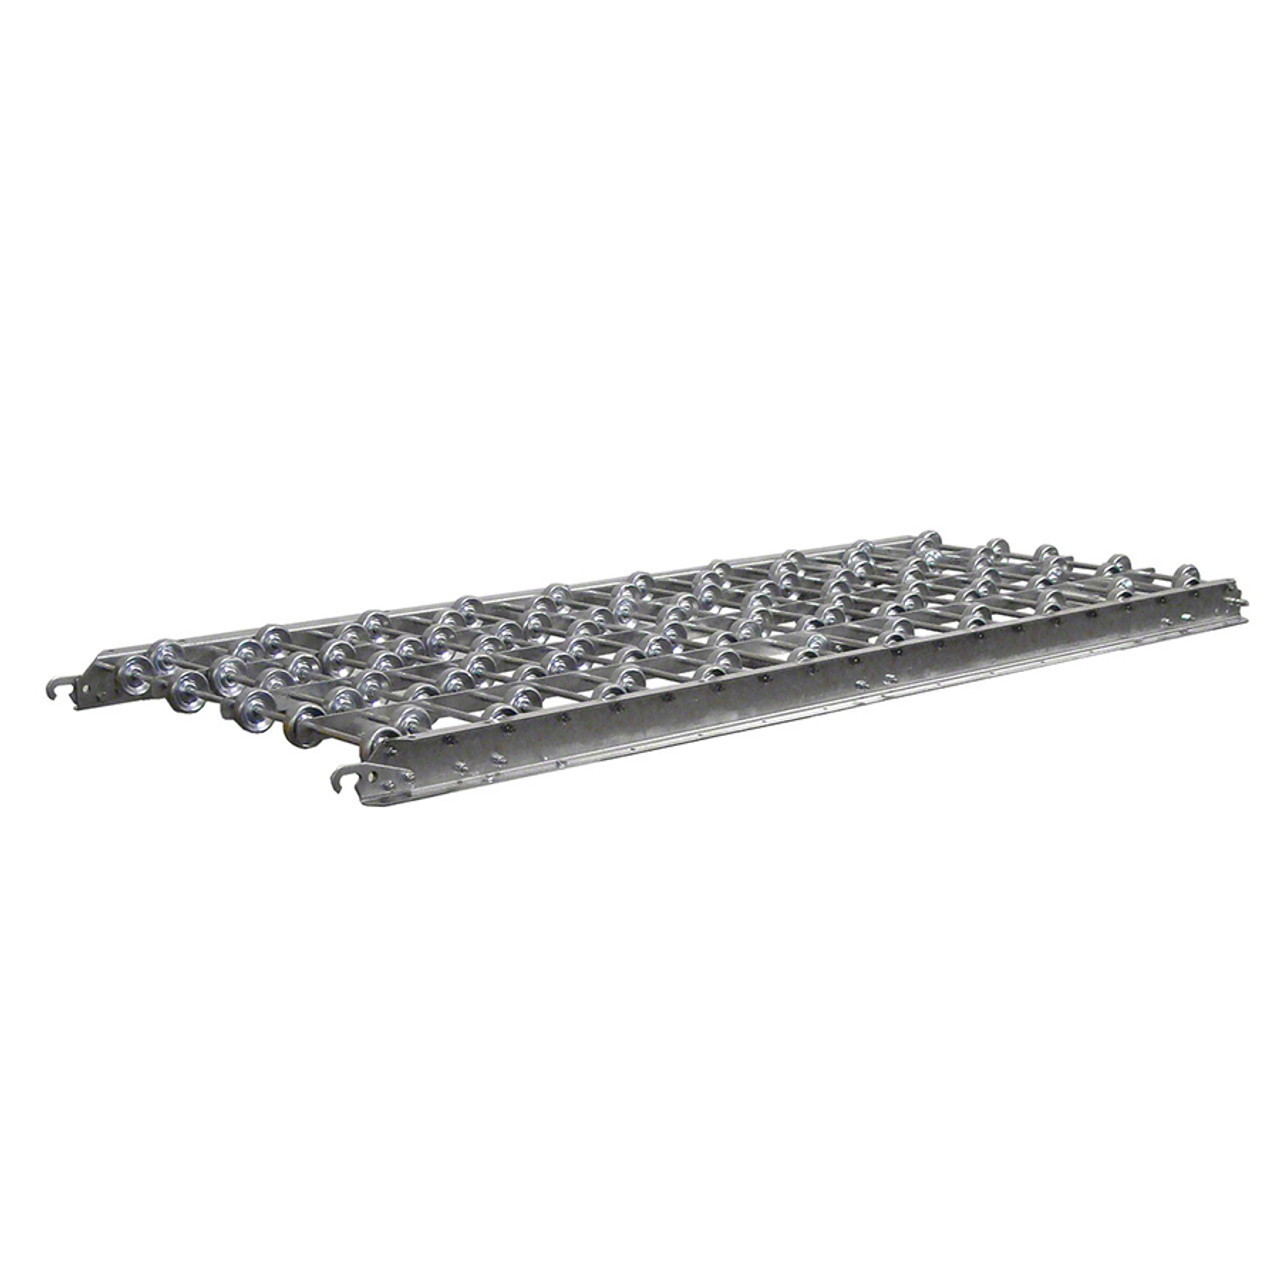 Skatewheel gravity conveyor